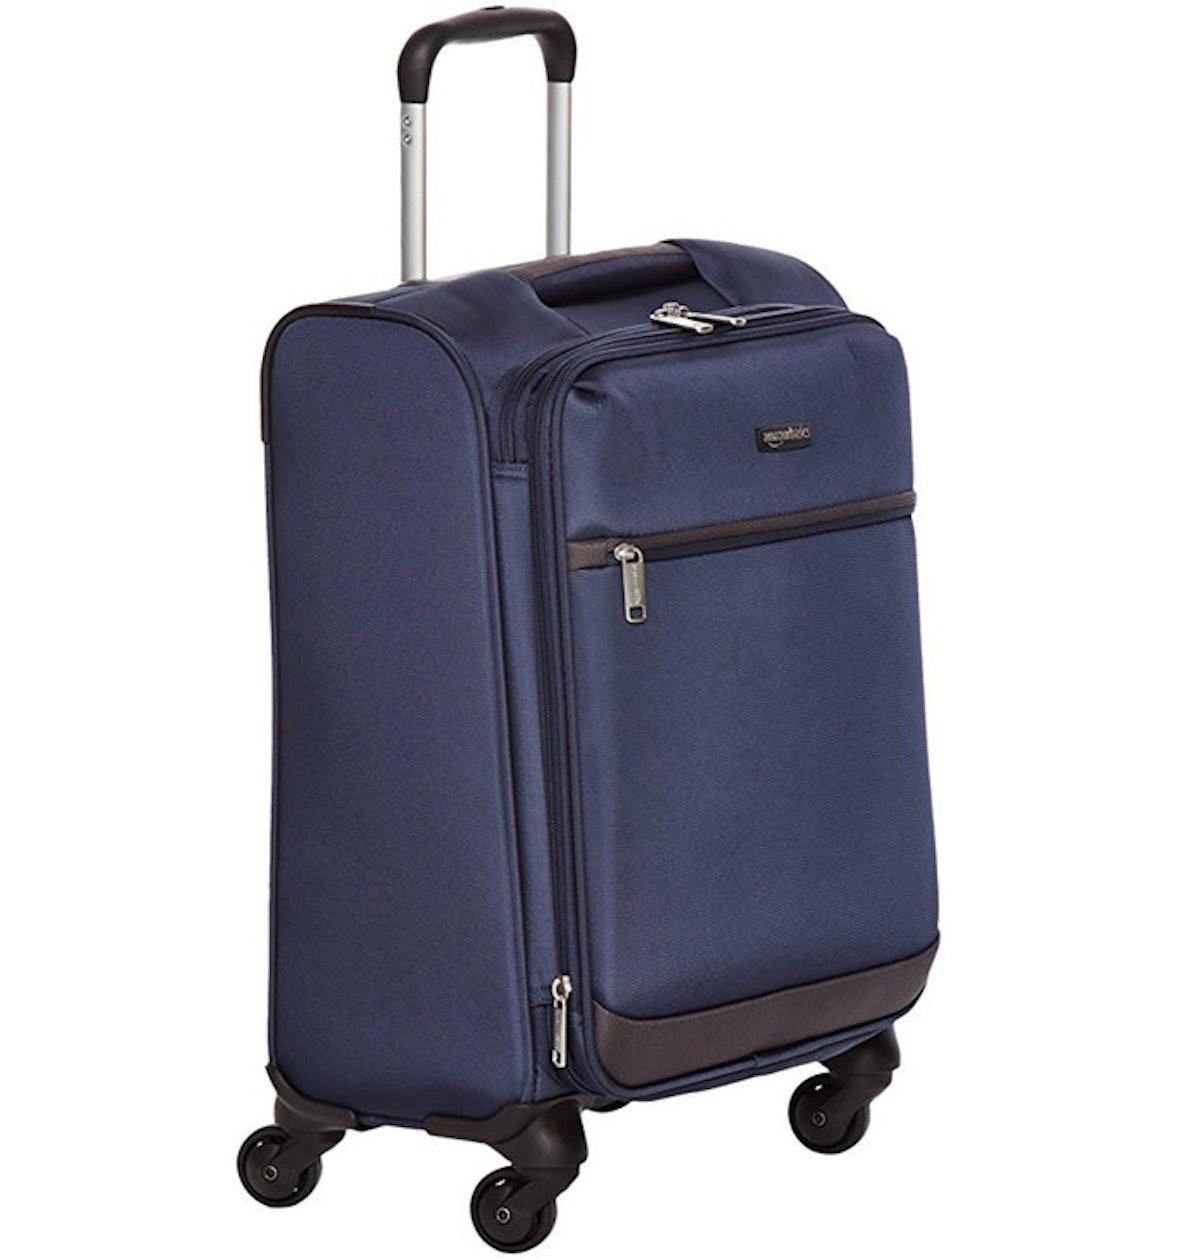 AmazonBasics Softside Spinner Luggage